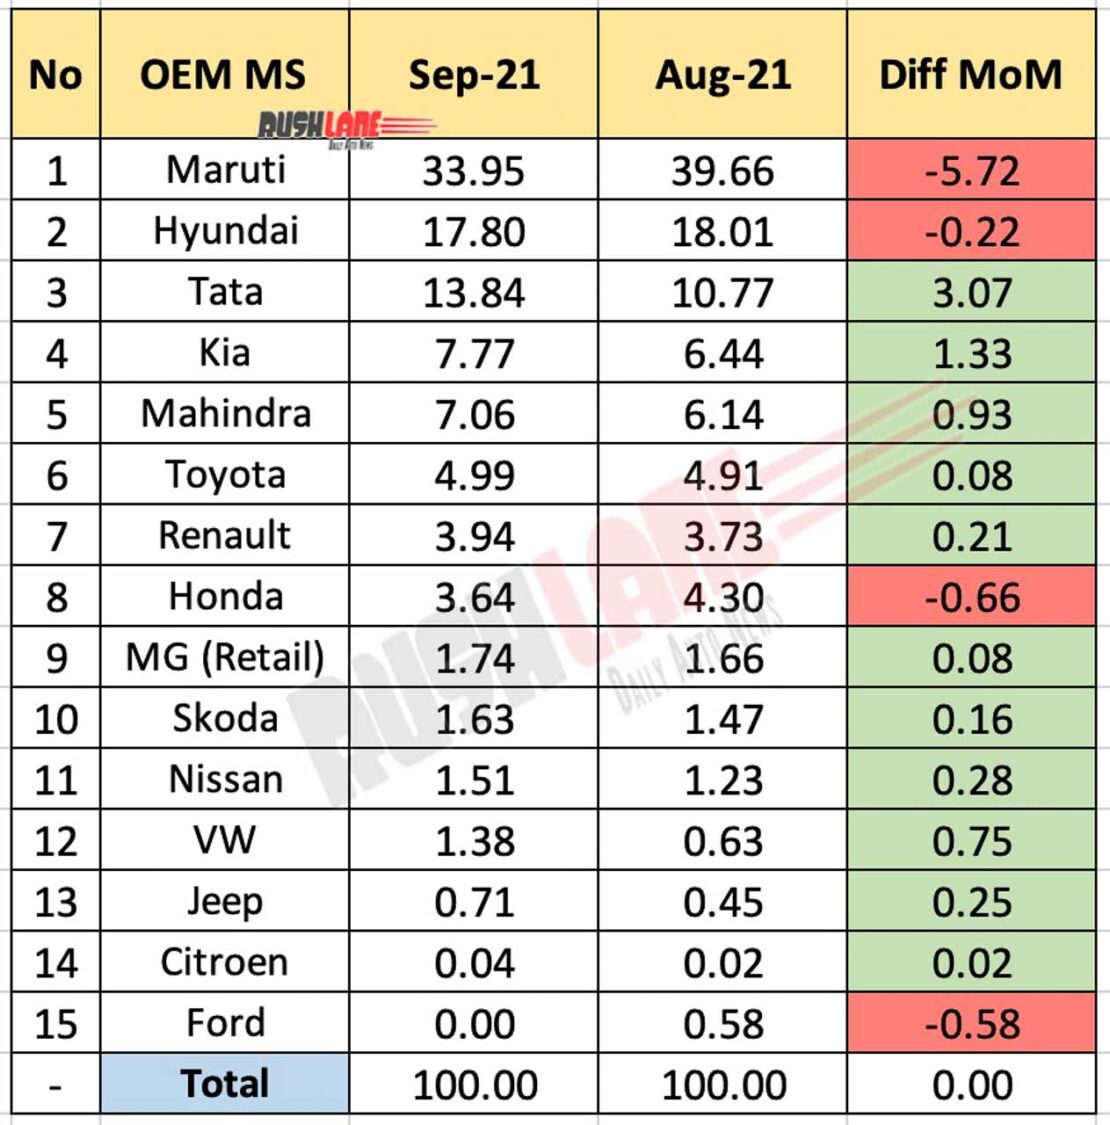 Car Market Share September 2021 Vs August 2021 (MoM)